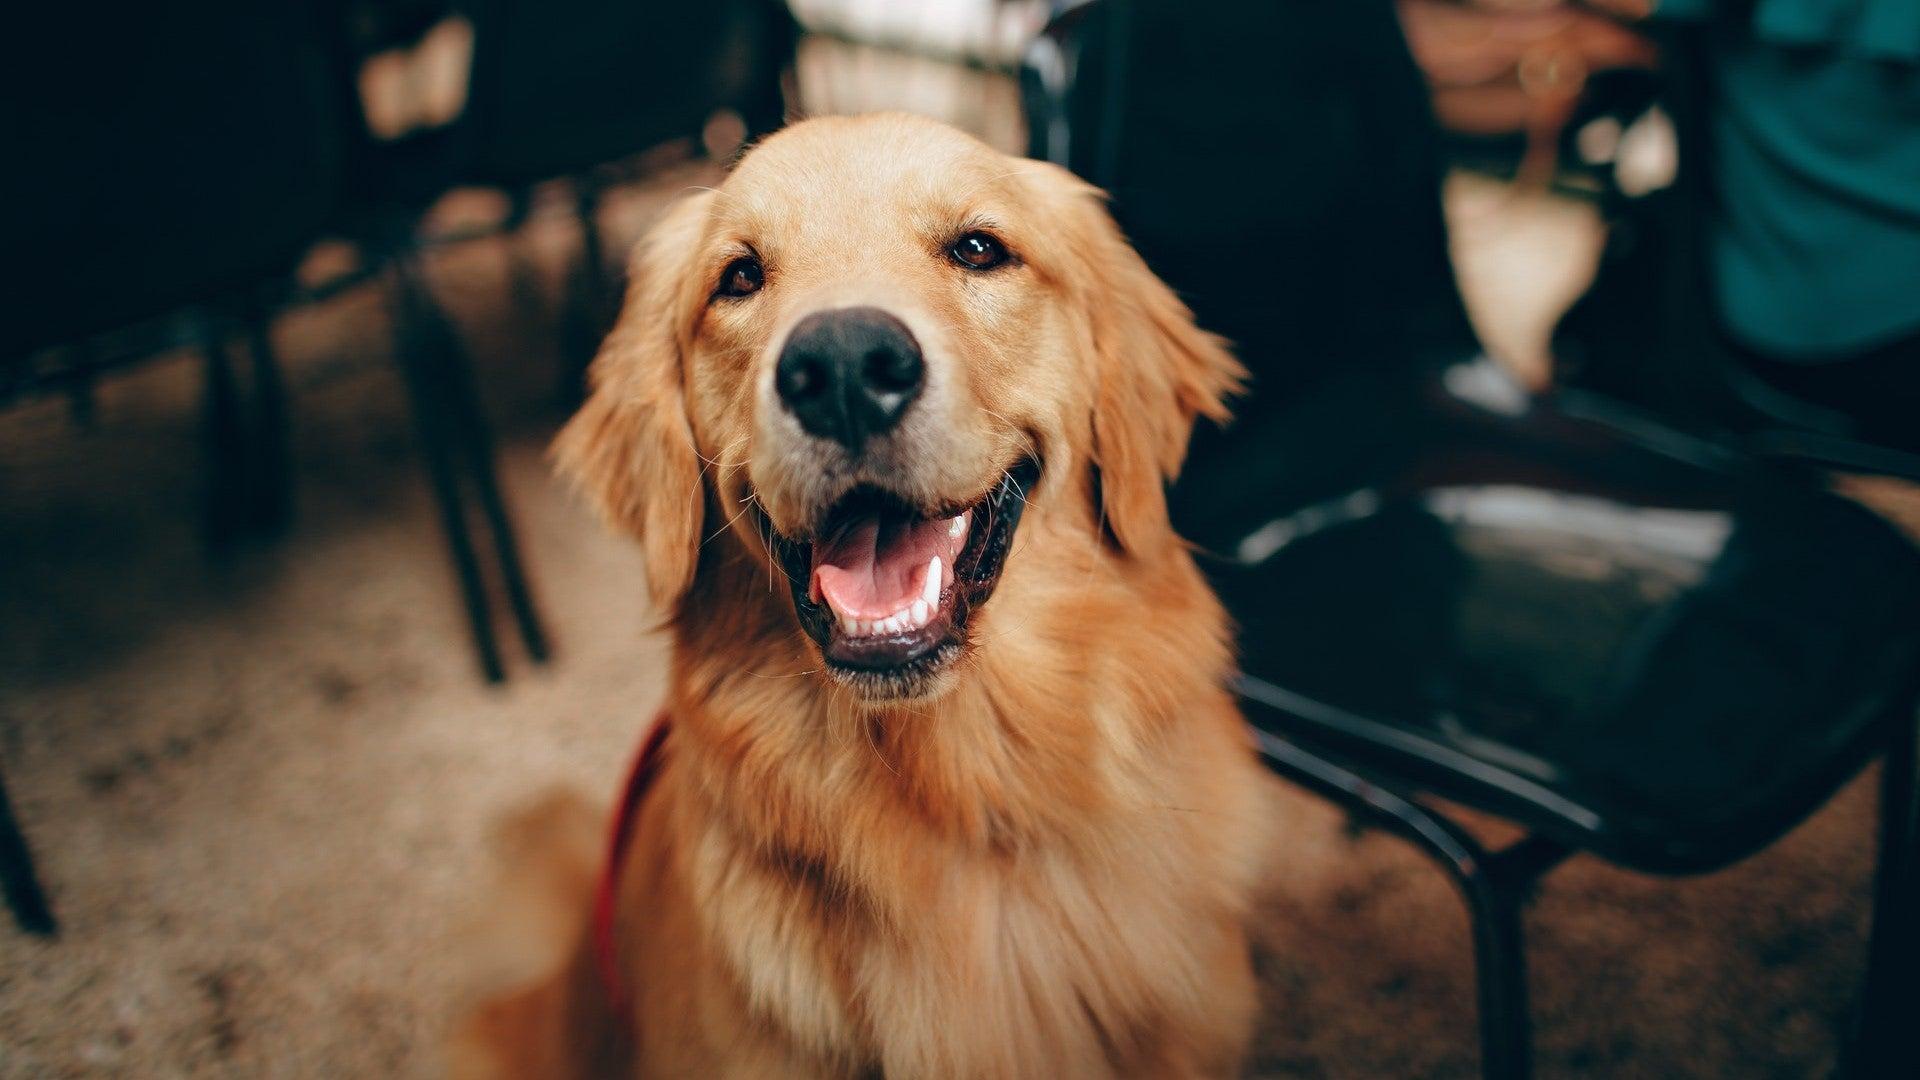 A golden retriever dog.